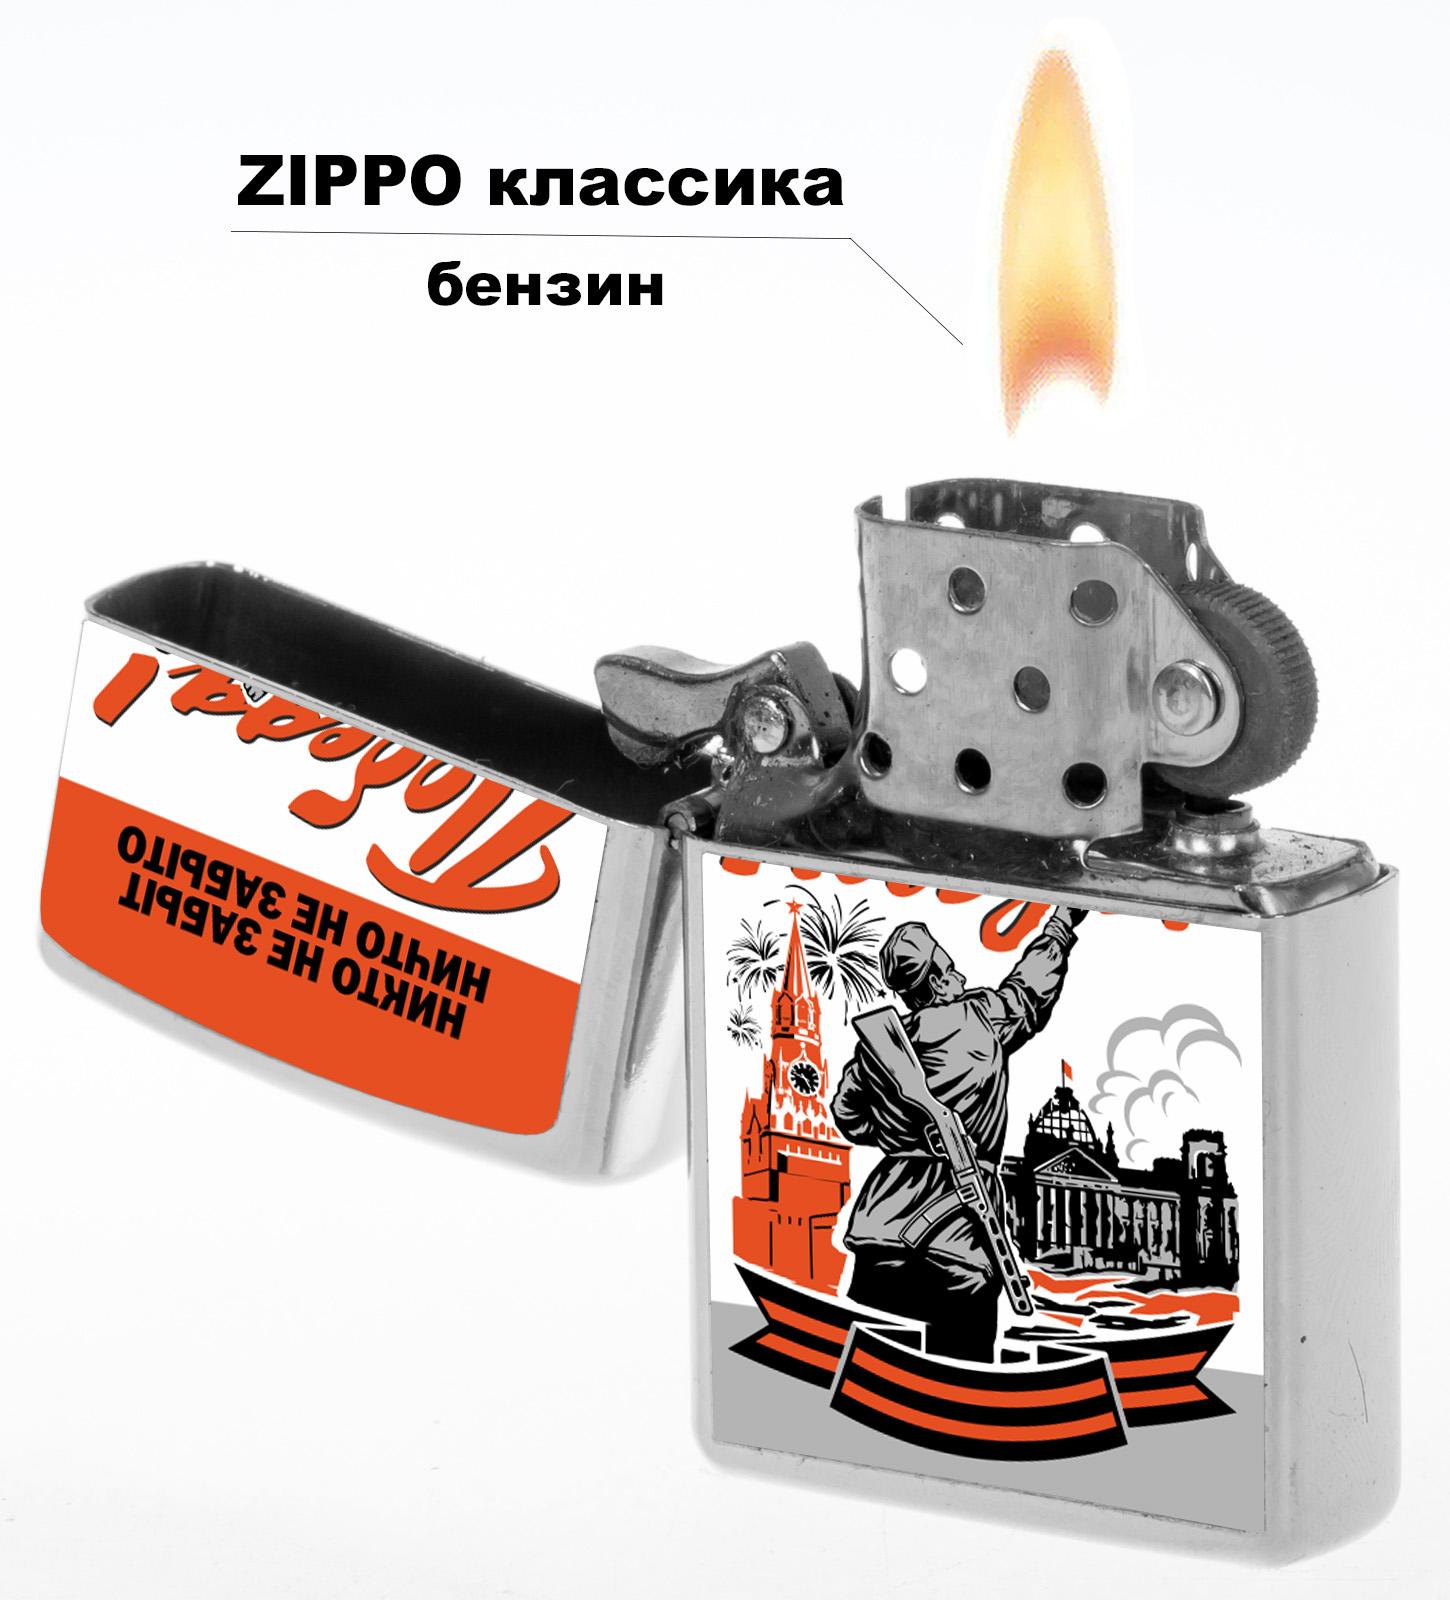 Зажигалка с символикой Великой победы купить в подарок по привлекательной цене